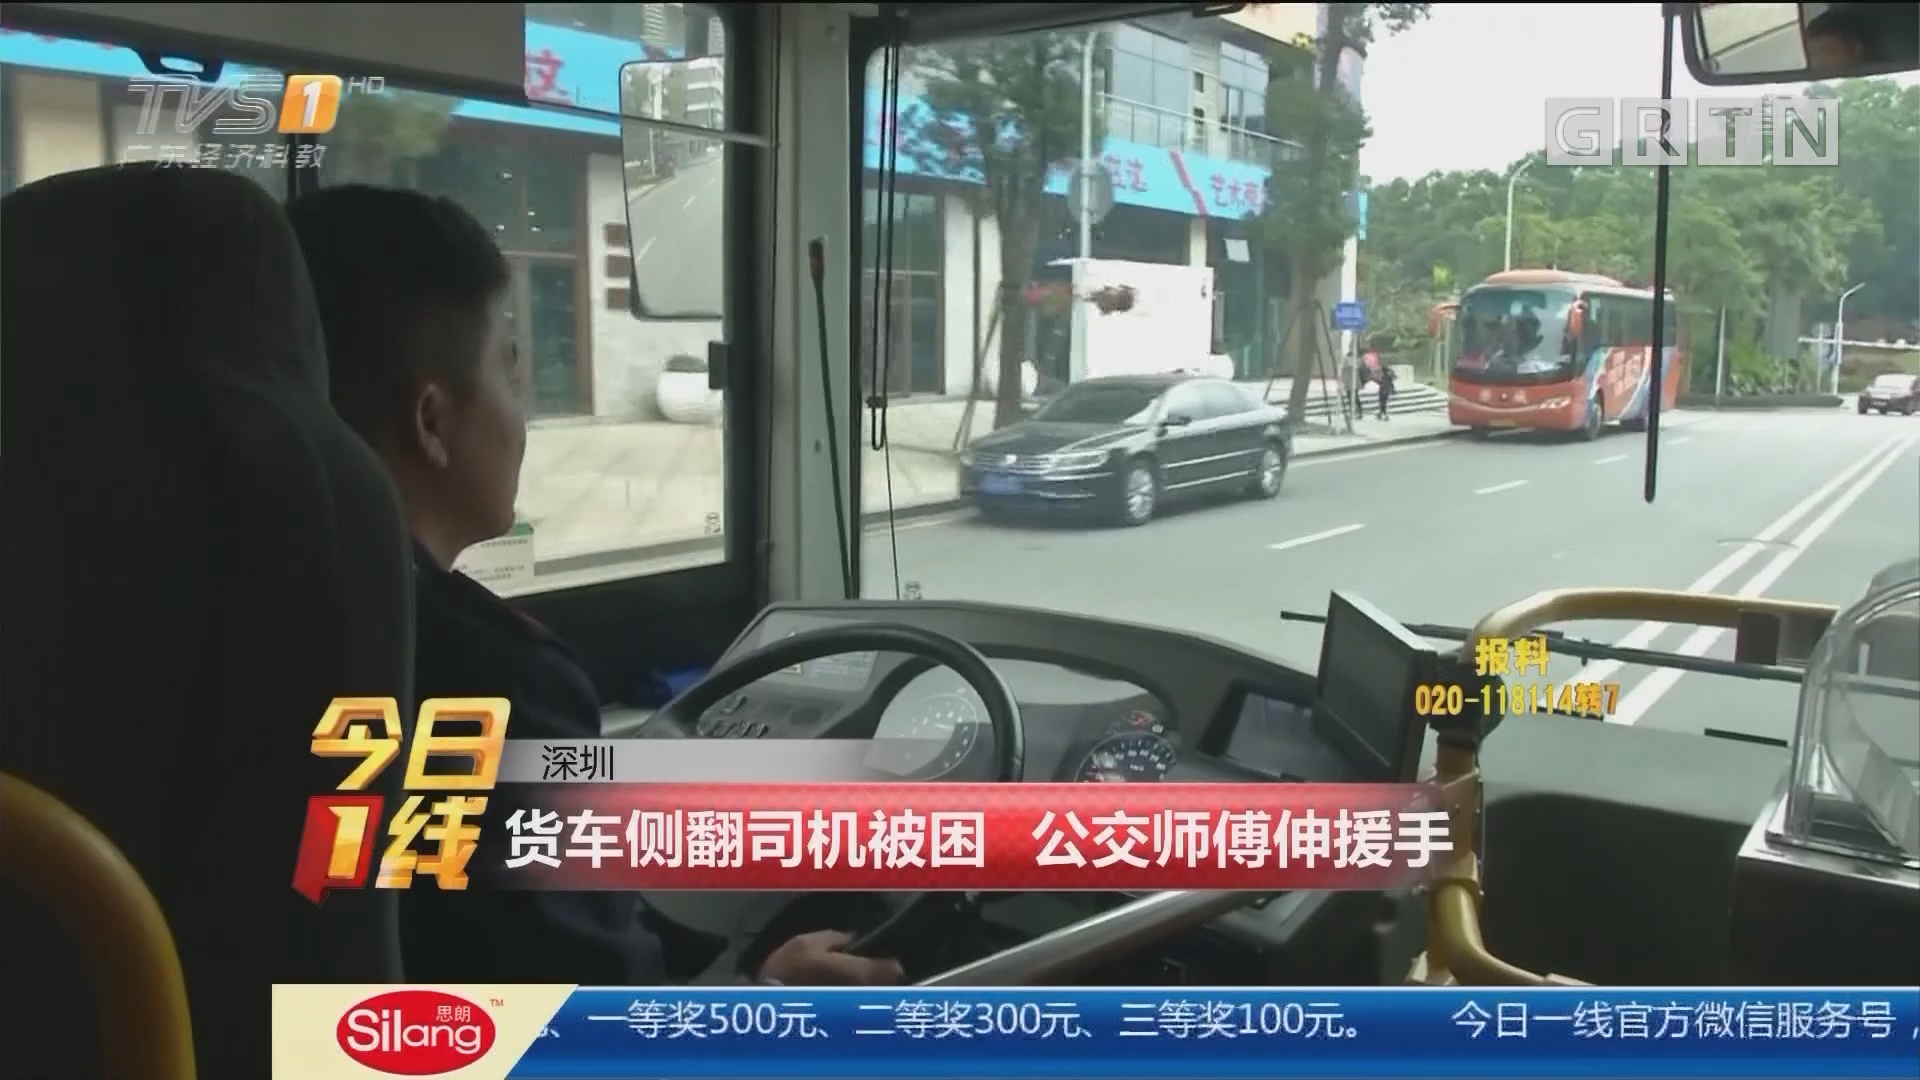 深圳:货车侧翻司机被困 公交师傅伸援手